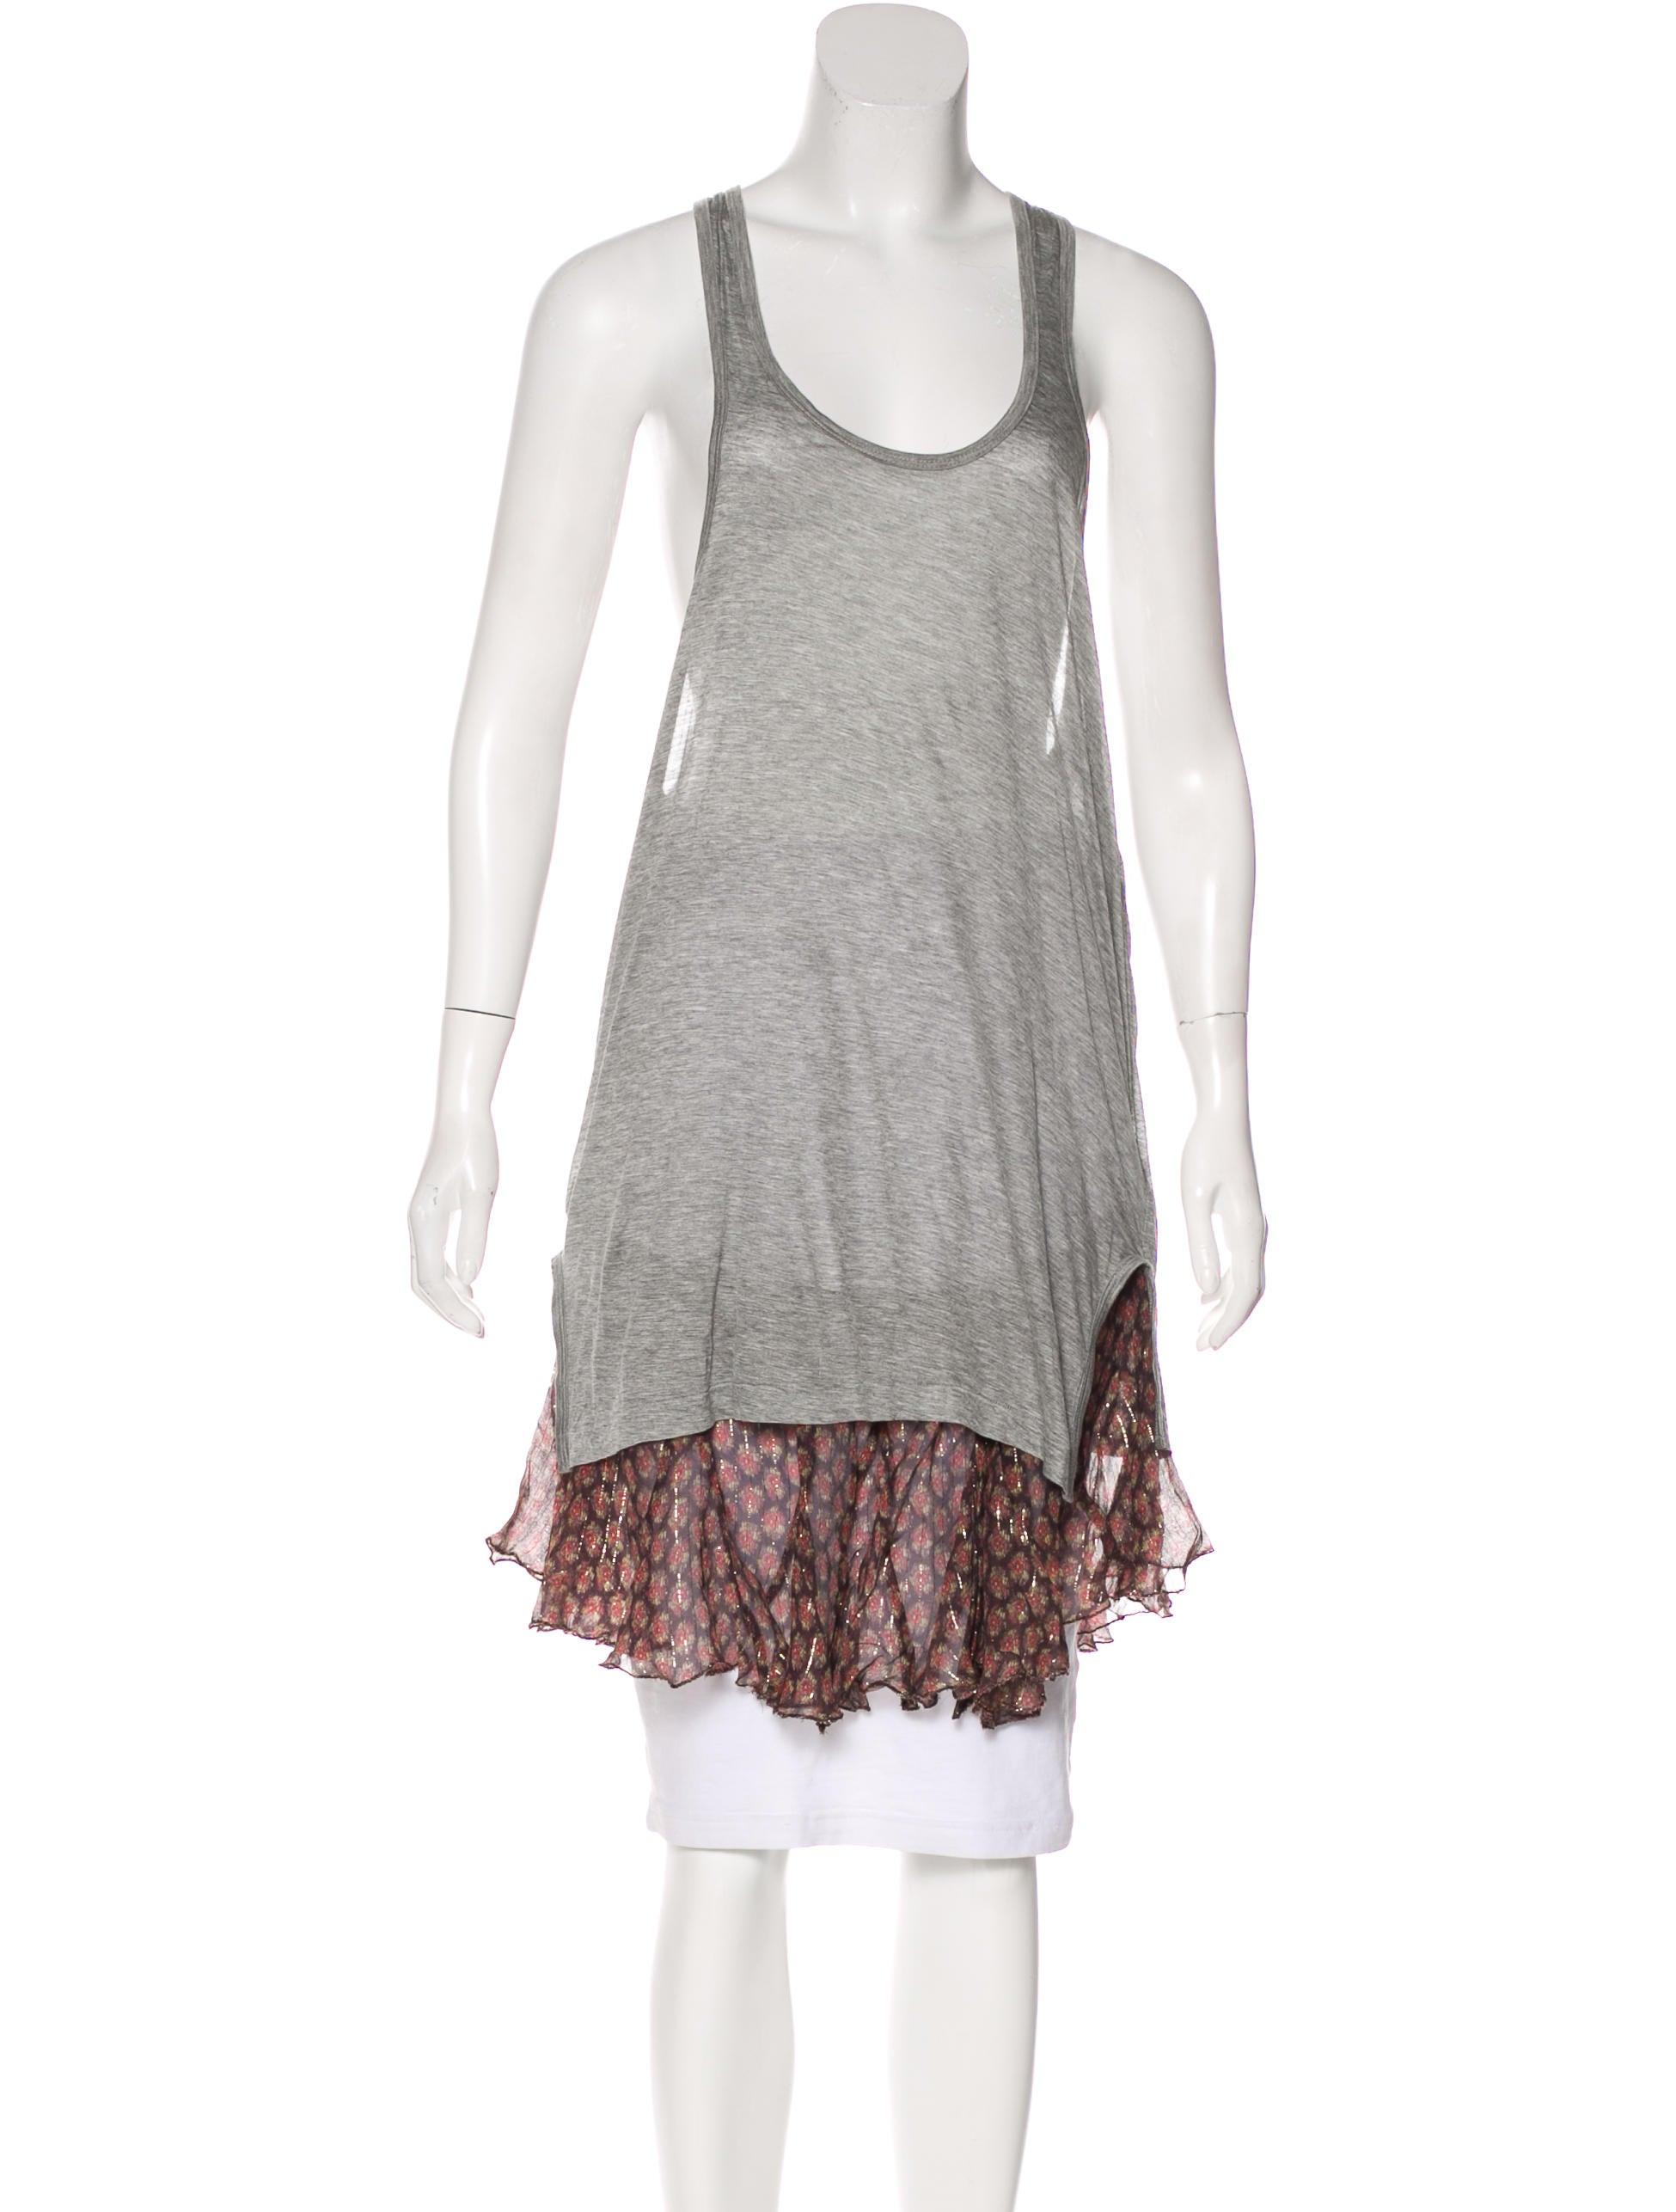 neck sleeveless drape sku front draped vneck p top blouses jfcazkg petite blouse v drapes women c